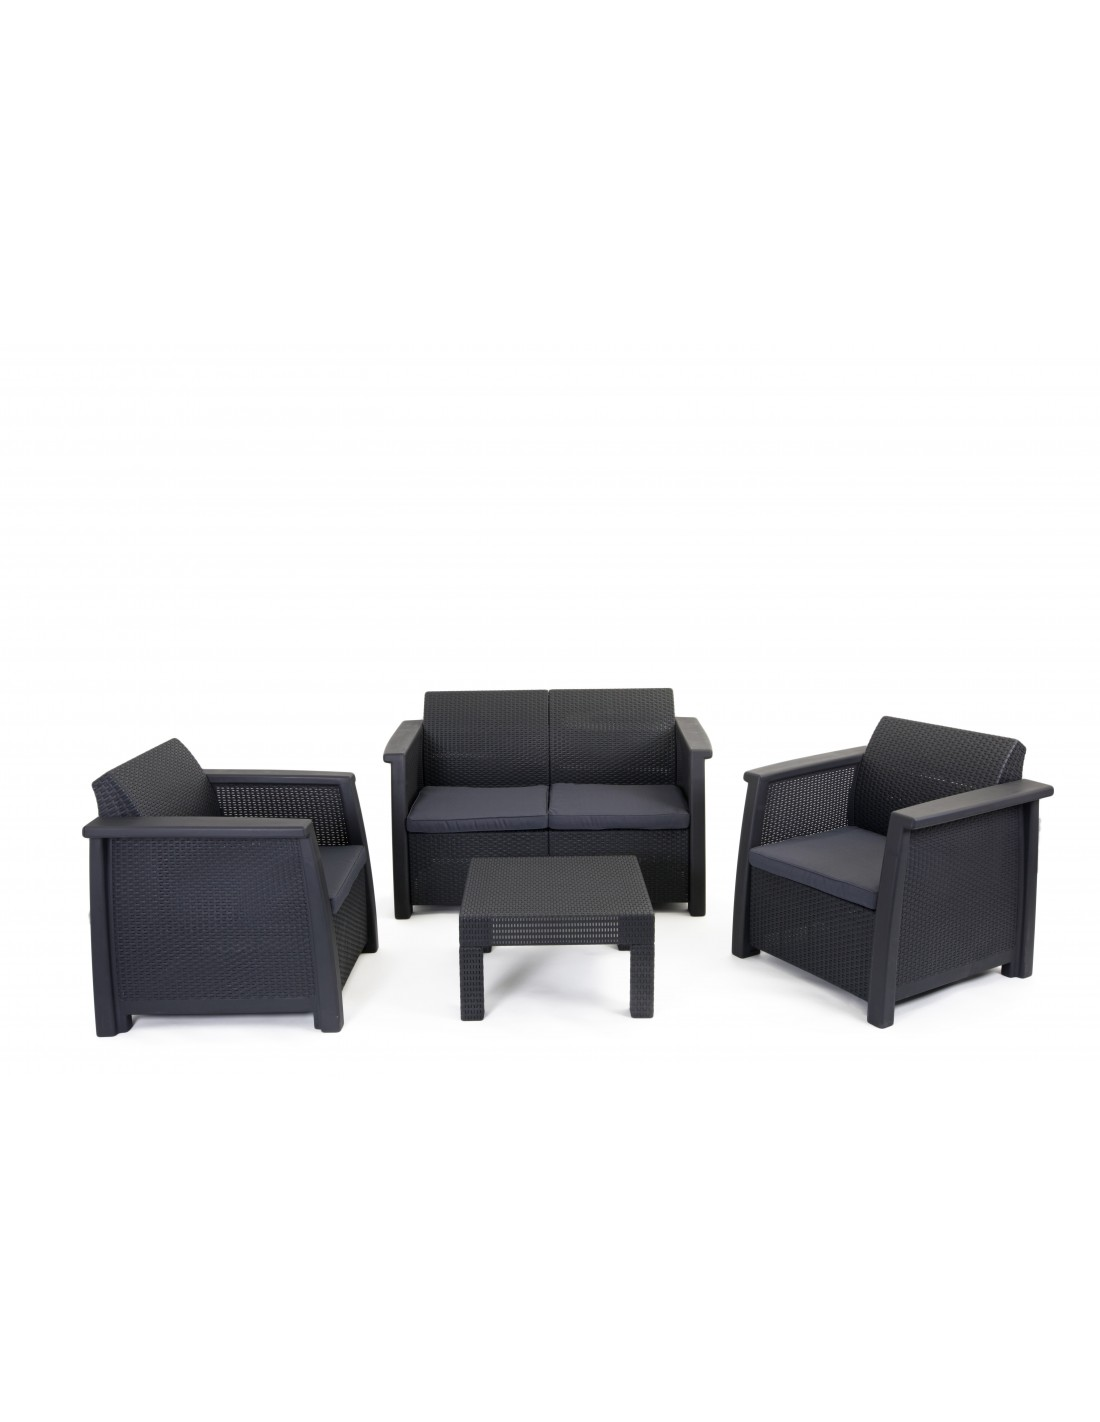 Salon de jardin en r sine 3 fauteuils et table basse gris - Table basse gris anthracite ...